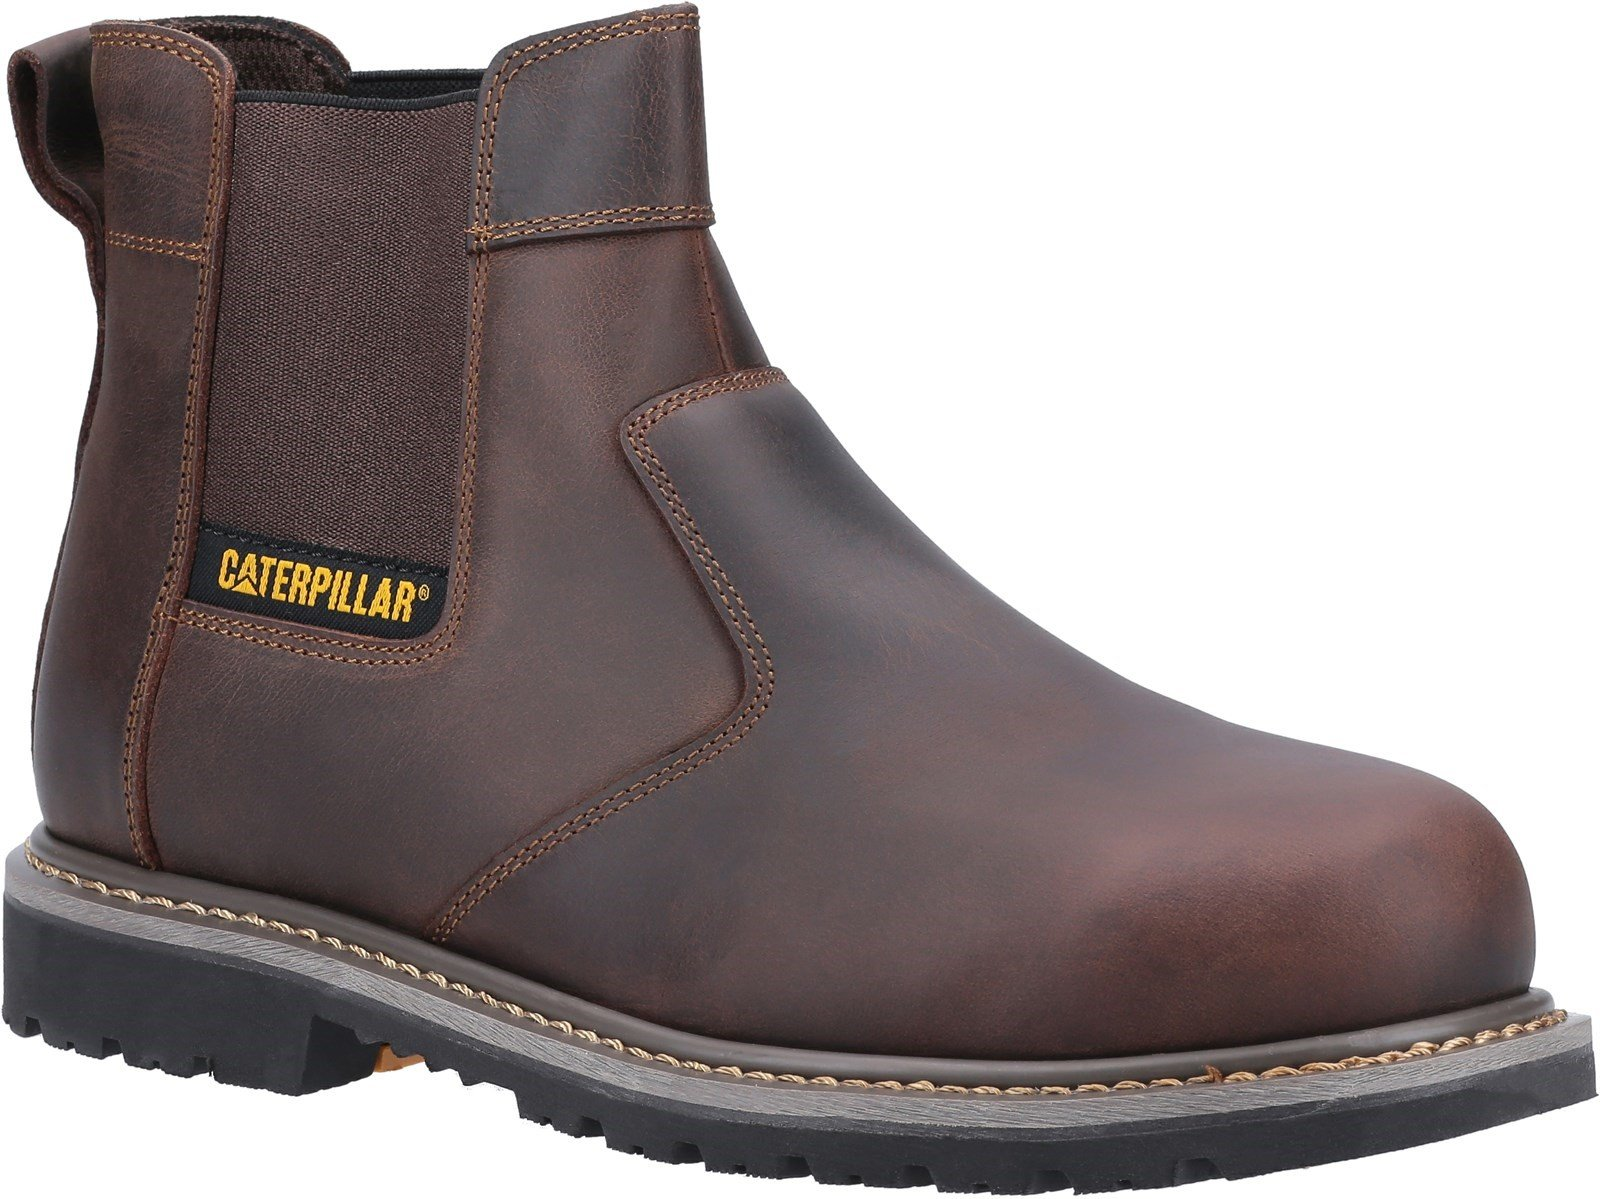 Caterpillar Unisex Powerplant Dealer Safety Boot Brown 31902 - Brown 6